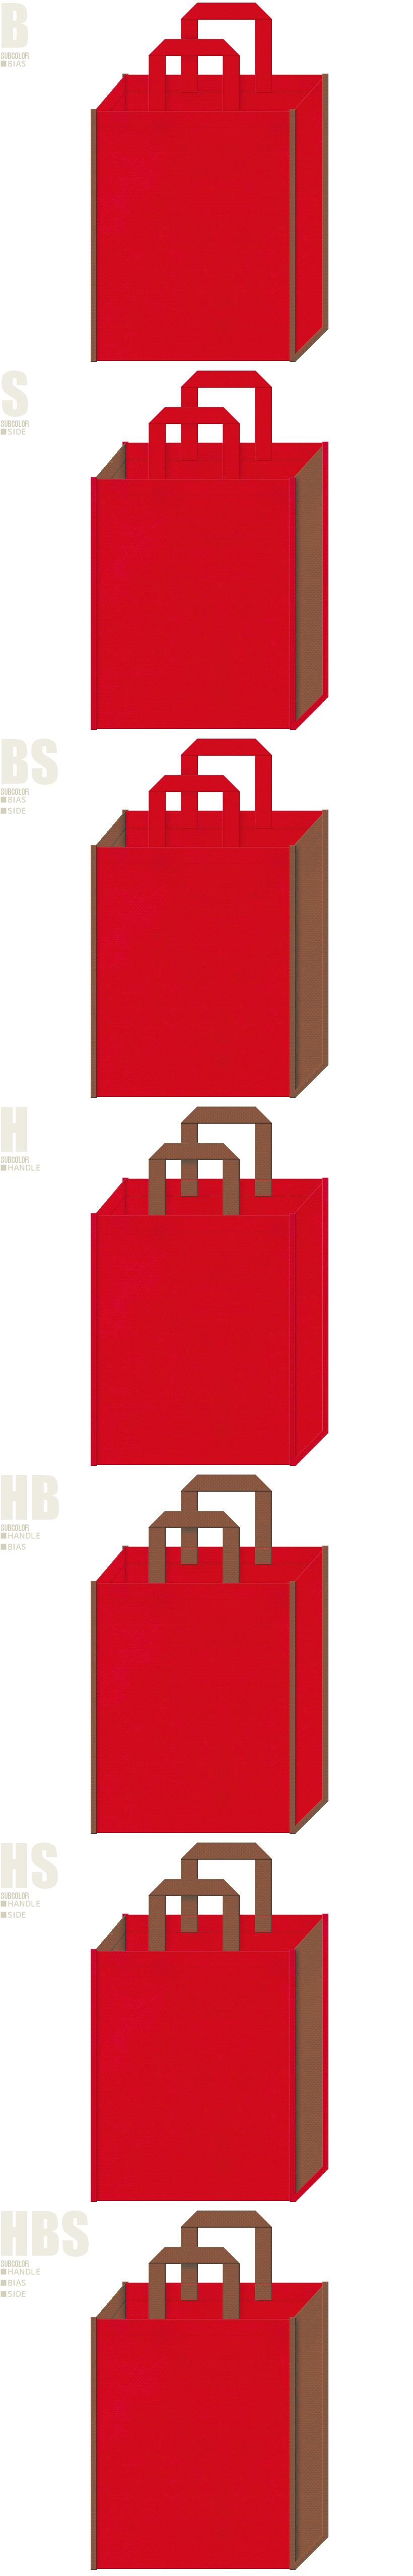 茶店・甘味処・野点傘・和風催事・暖炉・ストーブ・クリスマスのイベントにお奨めの不織布バッグデザイン:紅色と茶色の配色7パターン